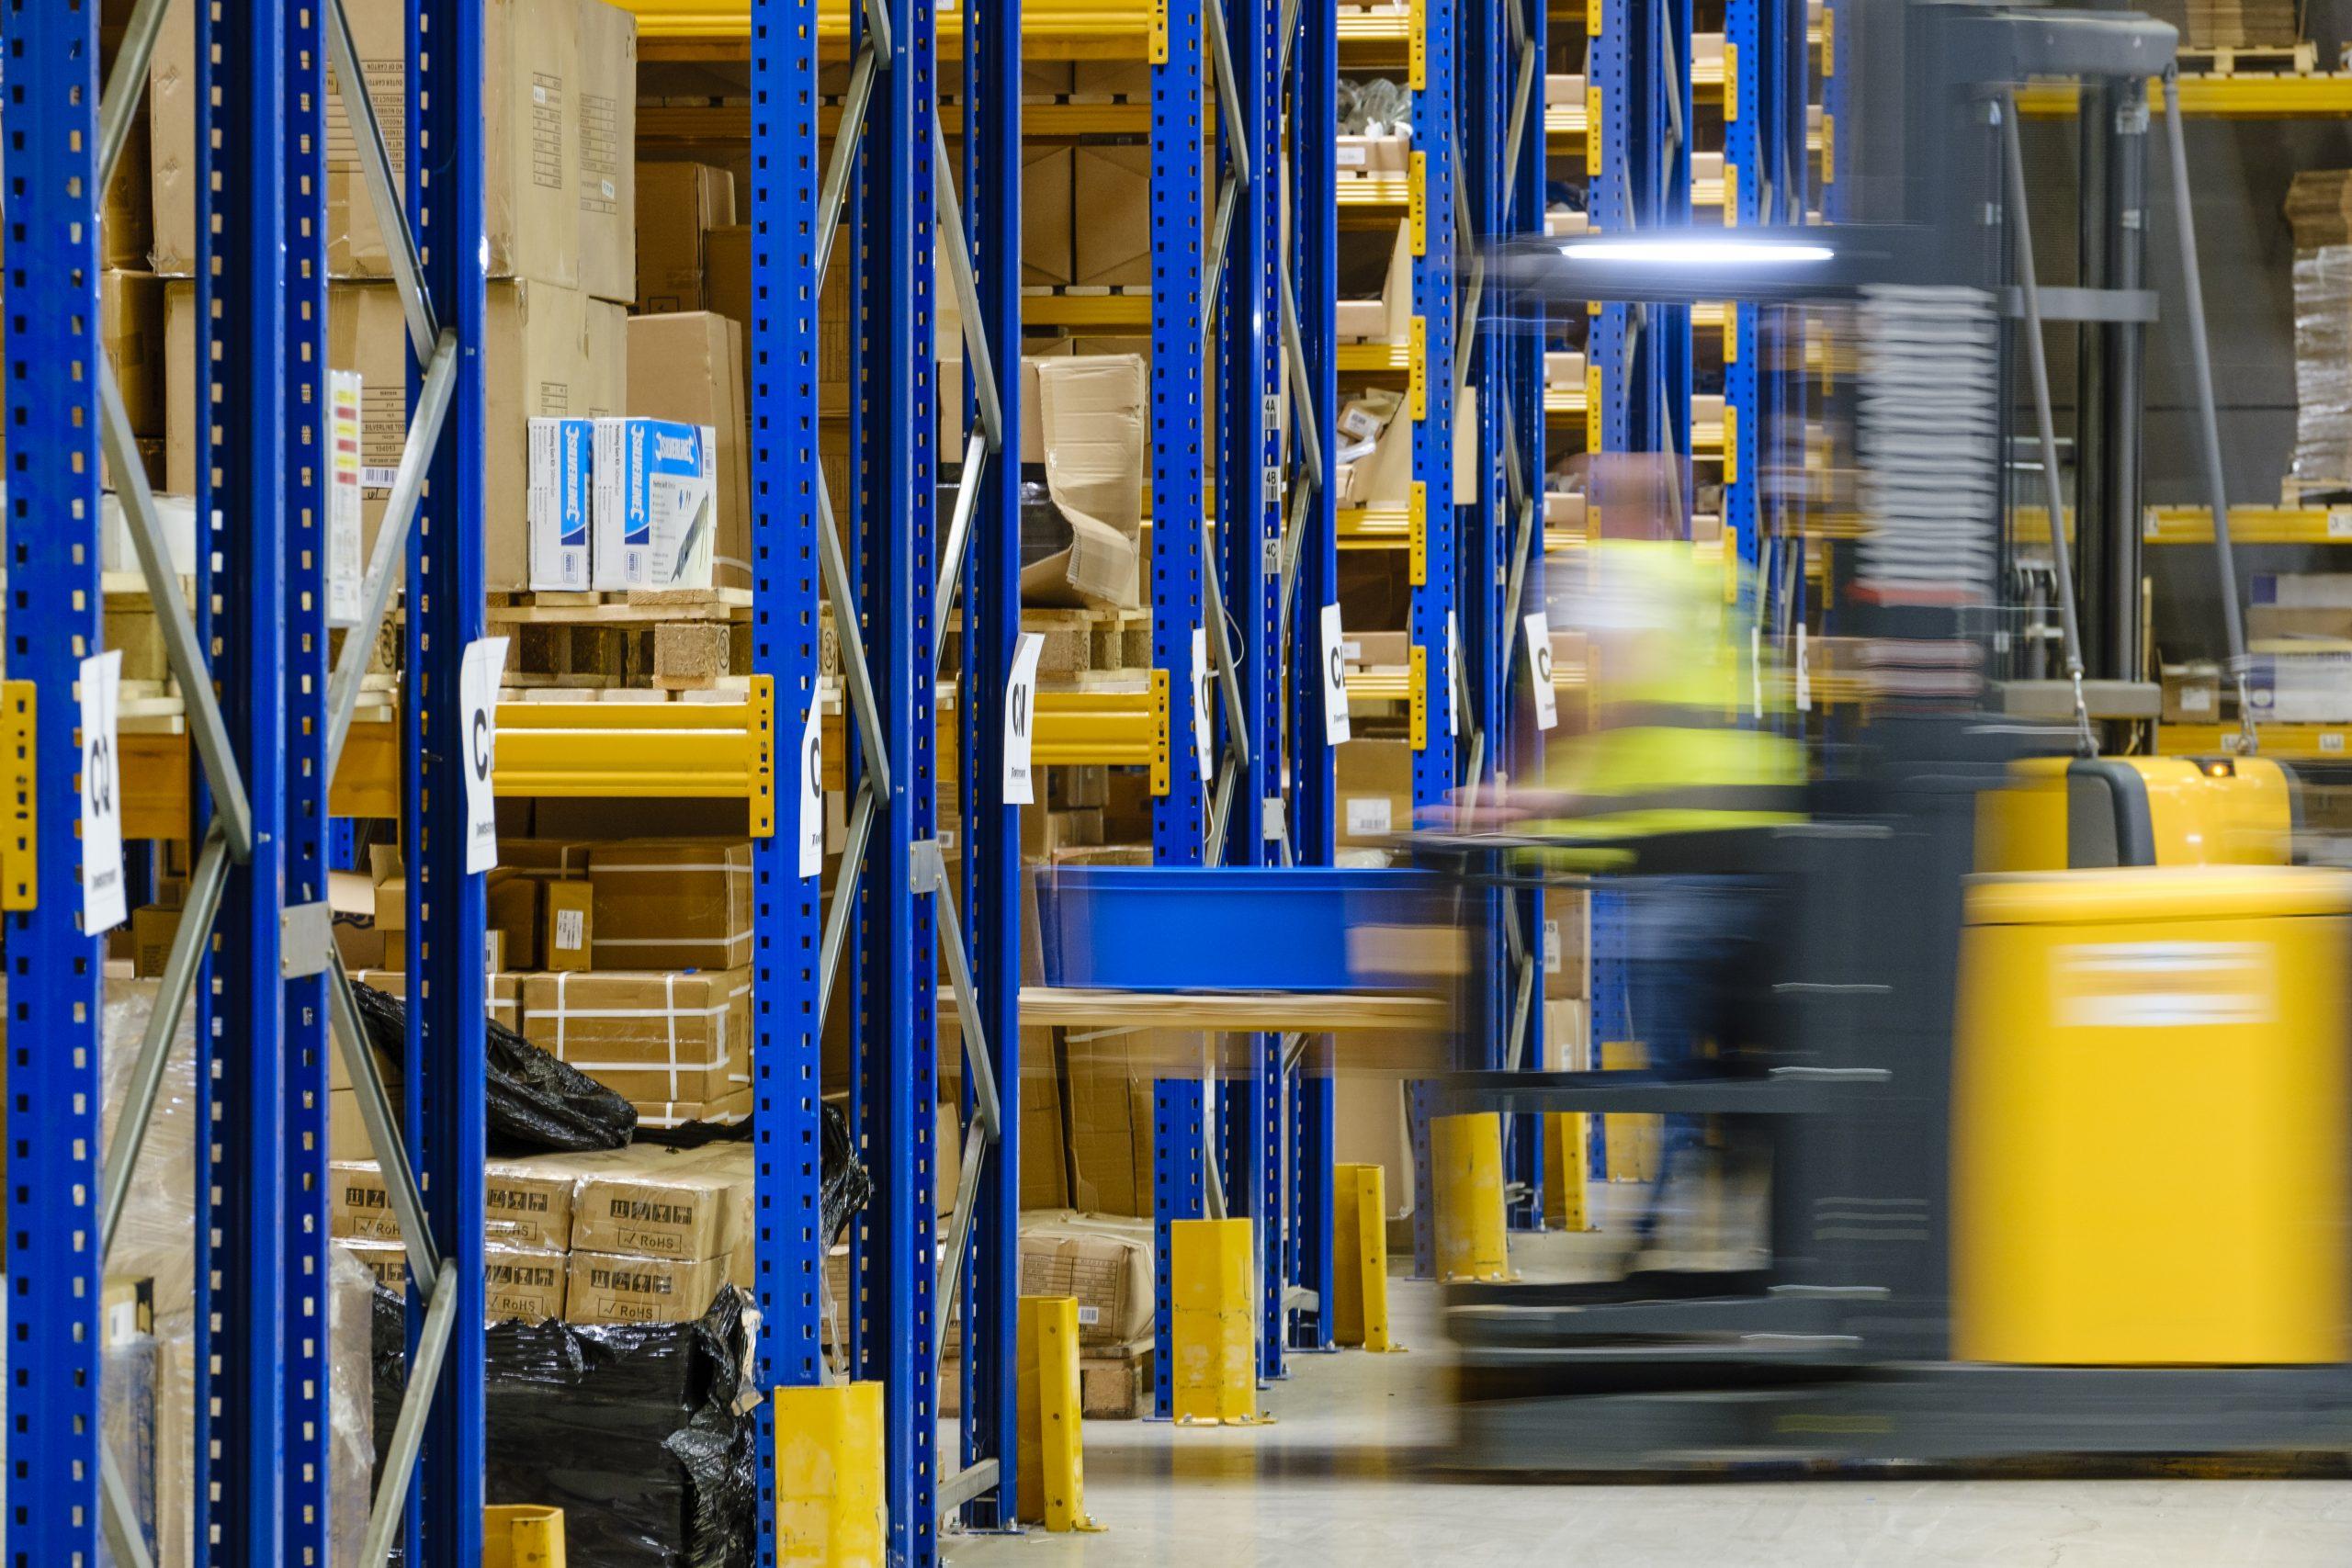 Les plates-formes digitales offrant une meilleure visibilité, les fournisseurs de logistique «pourraient donner de très bons conseils» à leurs clients, explique SebastiaanScholte, ancien PDG de JandeRijk Logistics. (Image © Jan de Rijk)